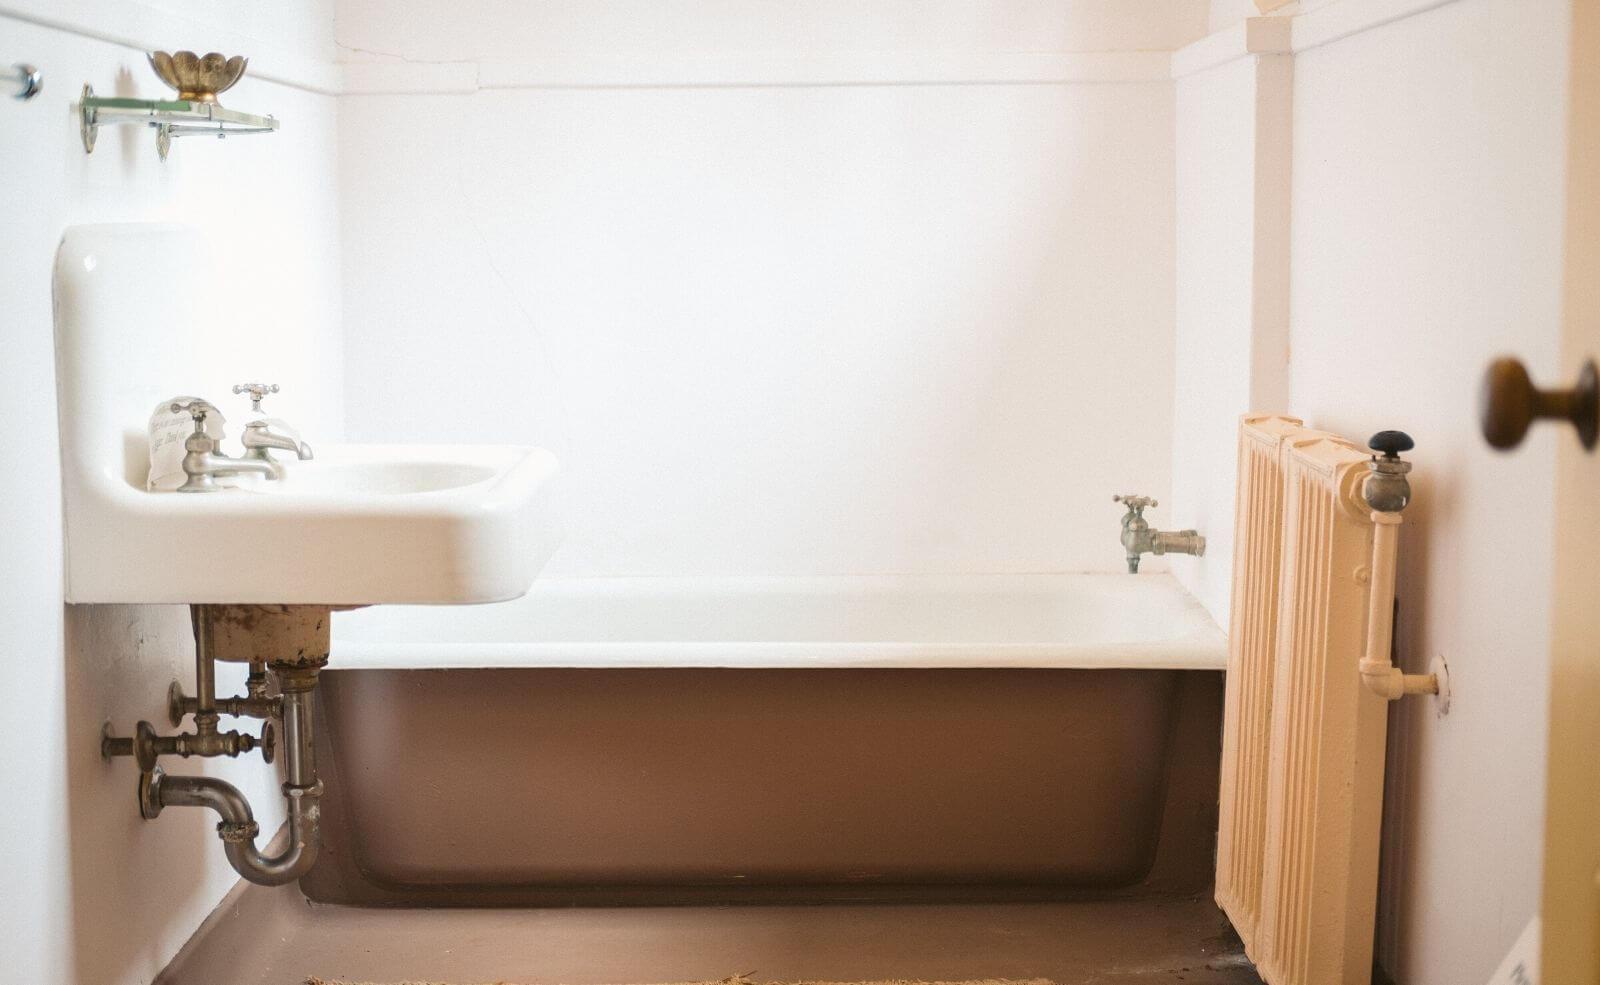 Badezimmer mit Heizung und Lüftung